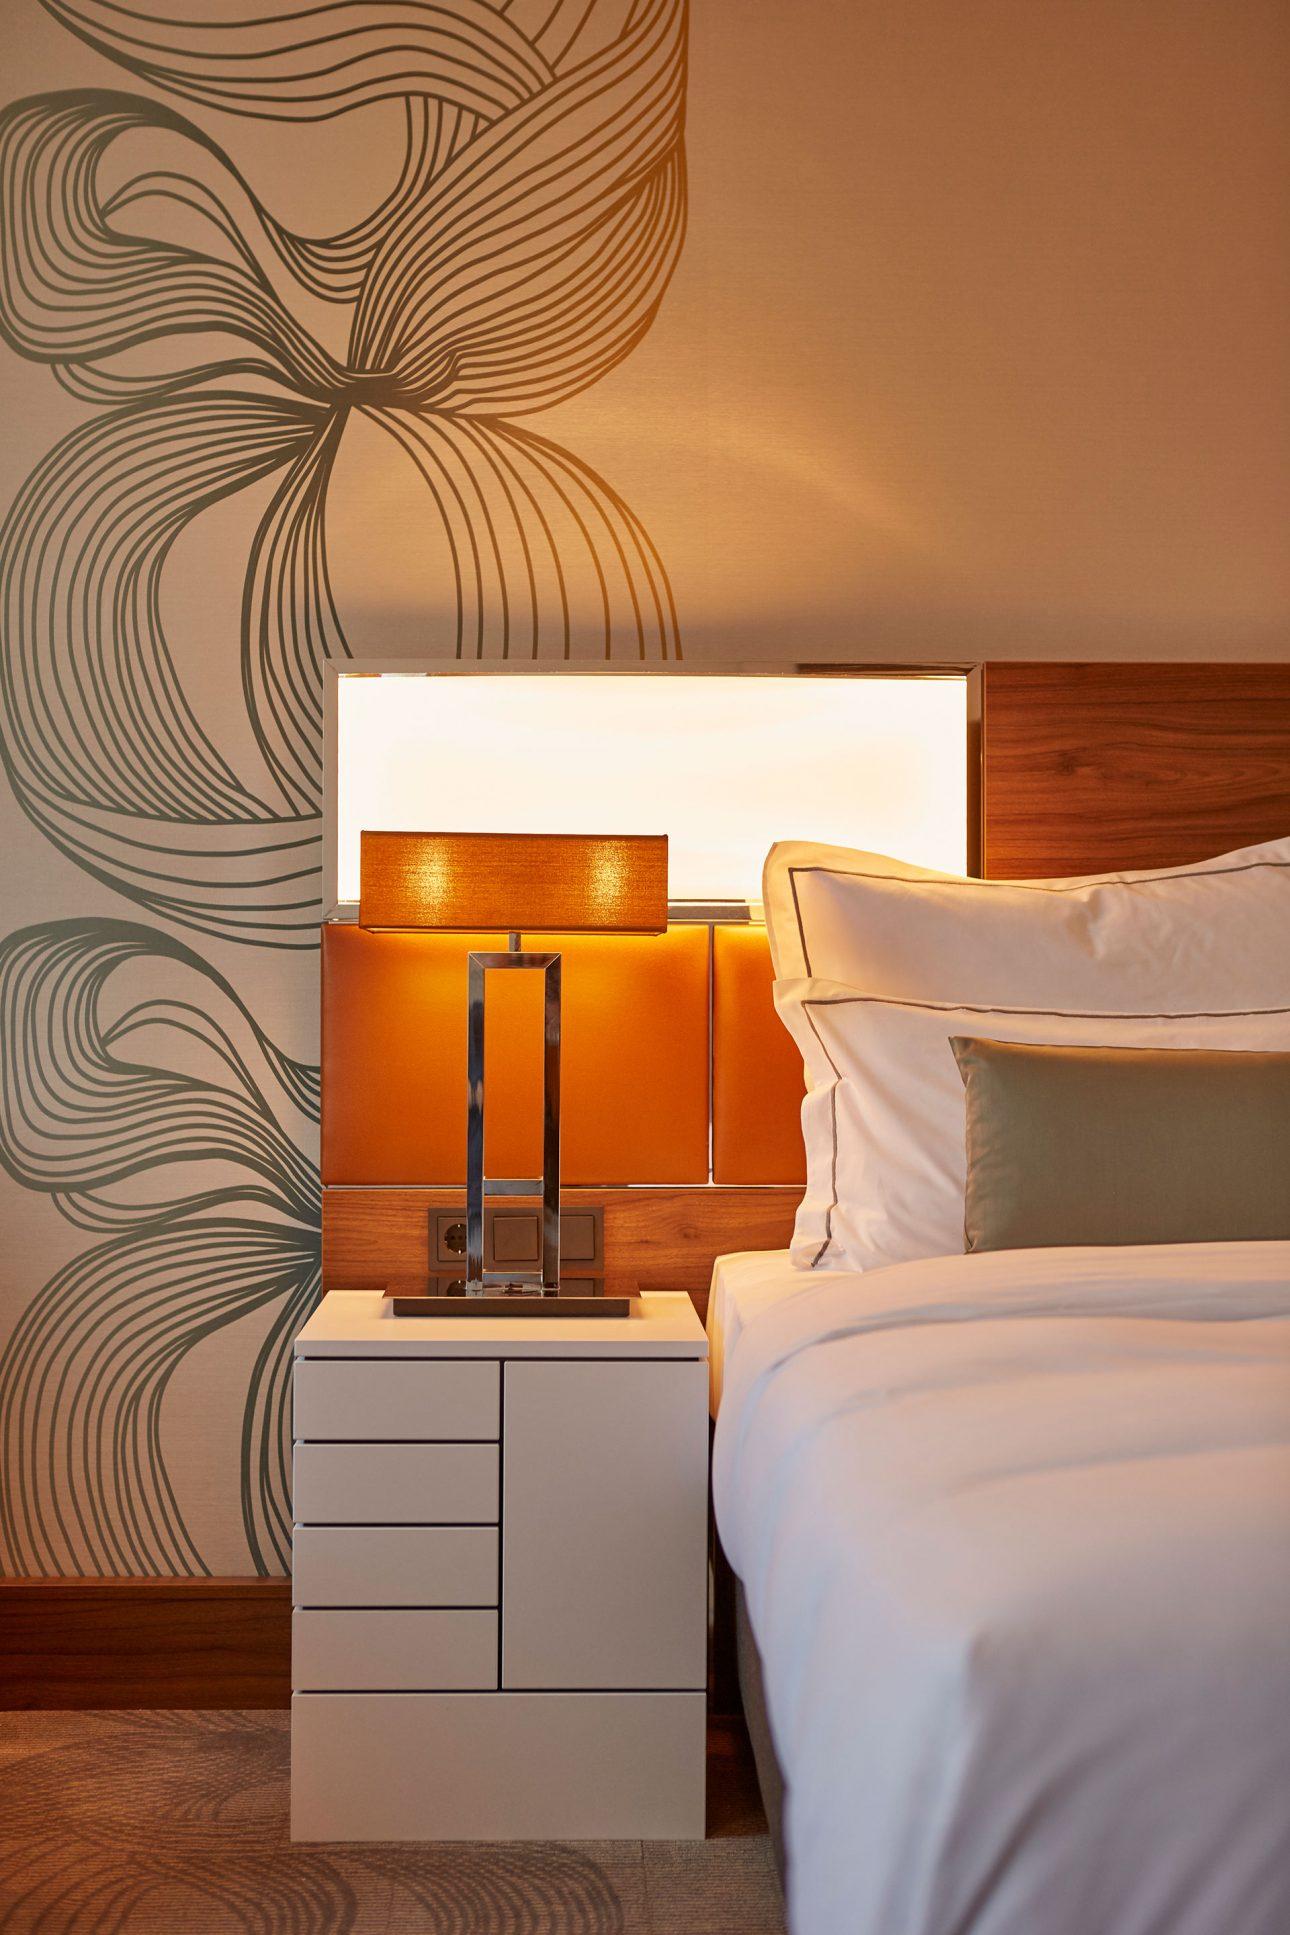 Ein Zimmer im Hotel Reichshof CURIO by Hilton in Hamburg. Entworfen von JOI-Design.